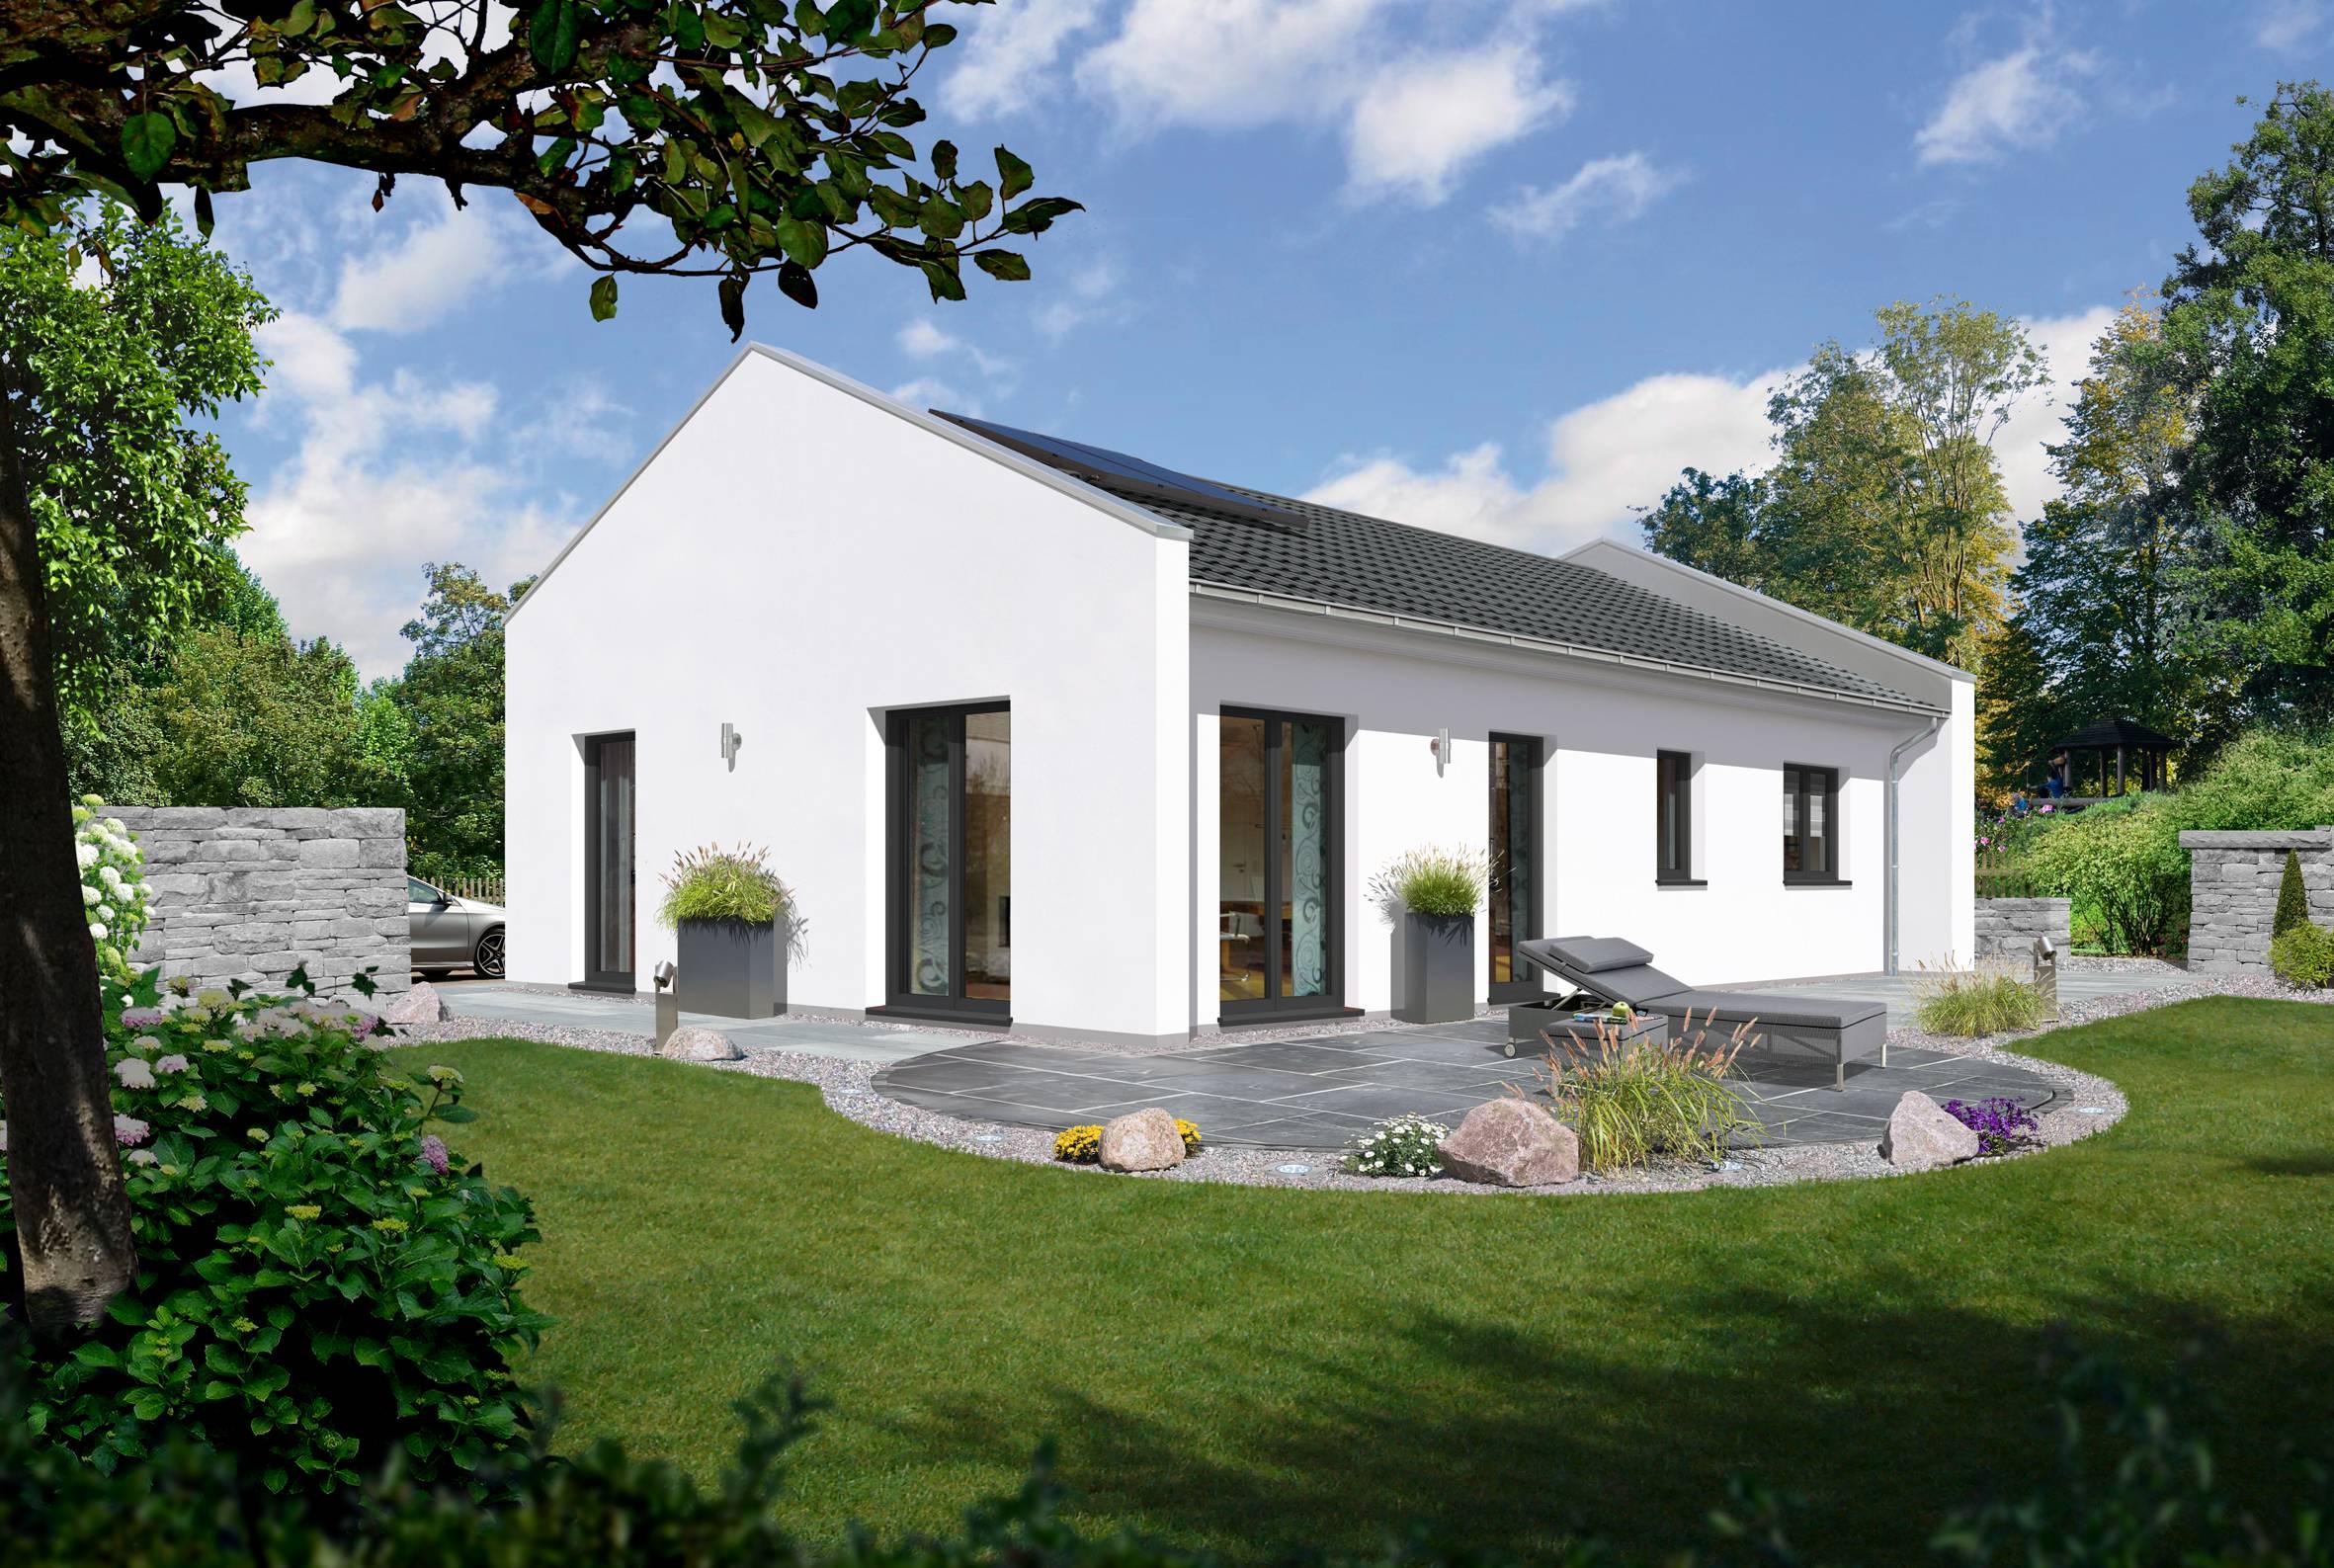 Schlüsselfertige Massivhäuser bis 150.000€ - Häuser Preise ... size: 2362 x 1587 post ID: 1 File size: 0 B